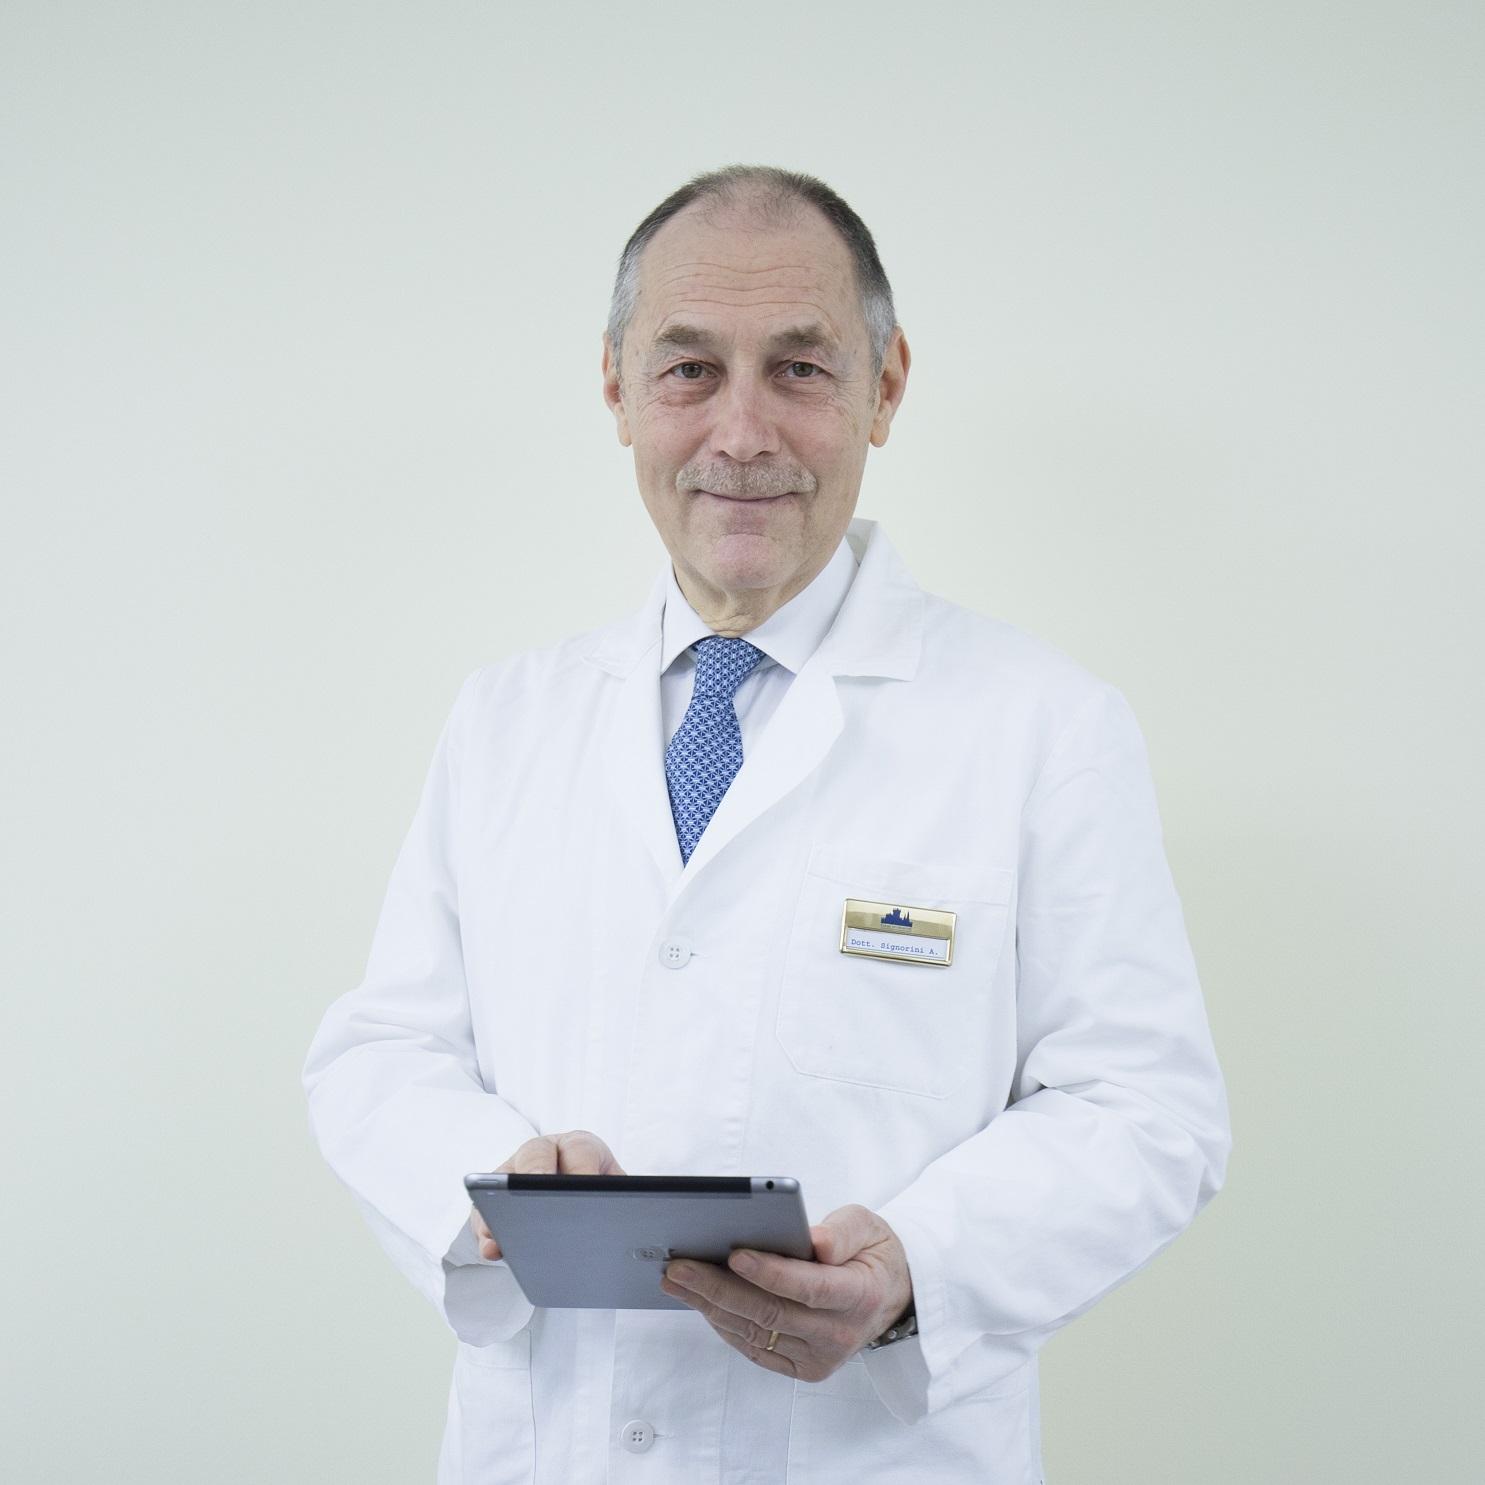 Dott. Alessandro Signorini, Direttore Scientifico Sanitario di Terme di Sirmione